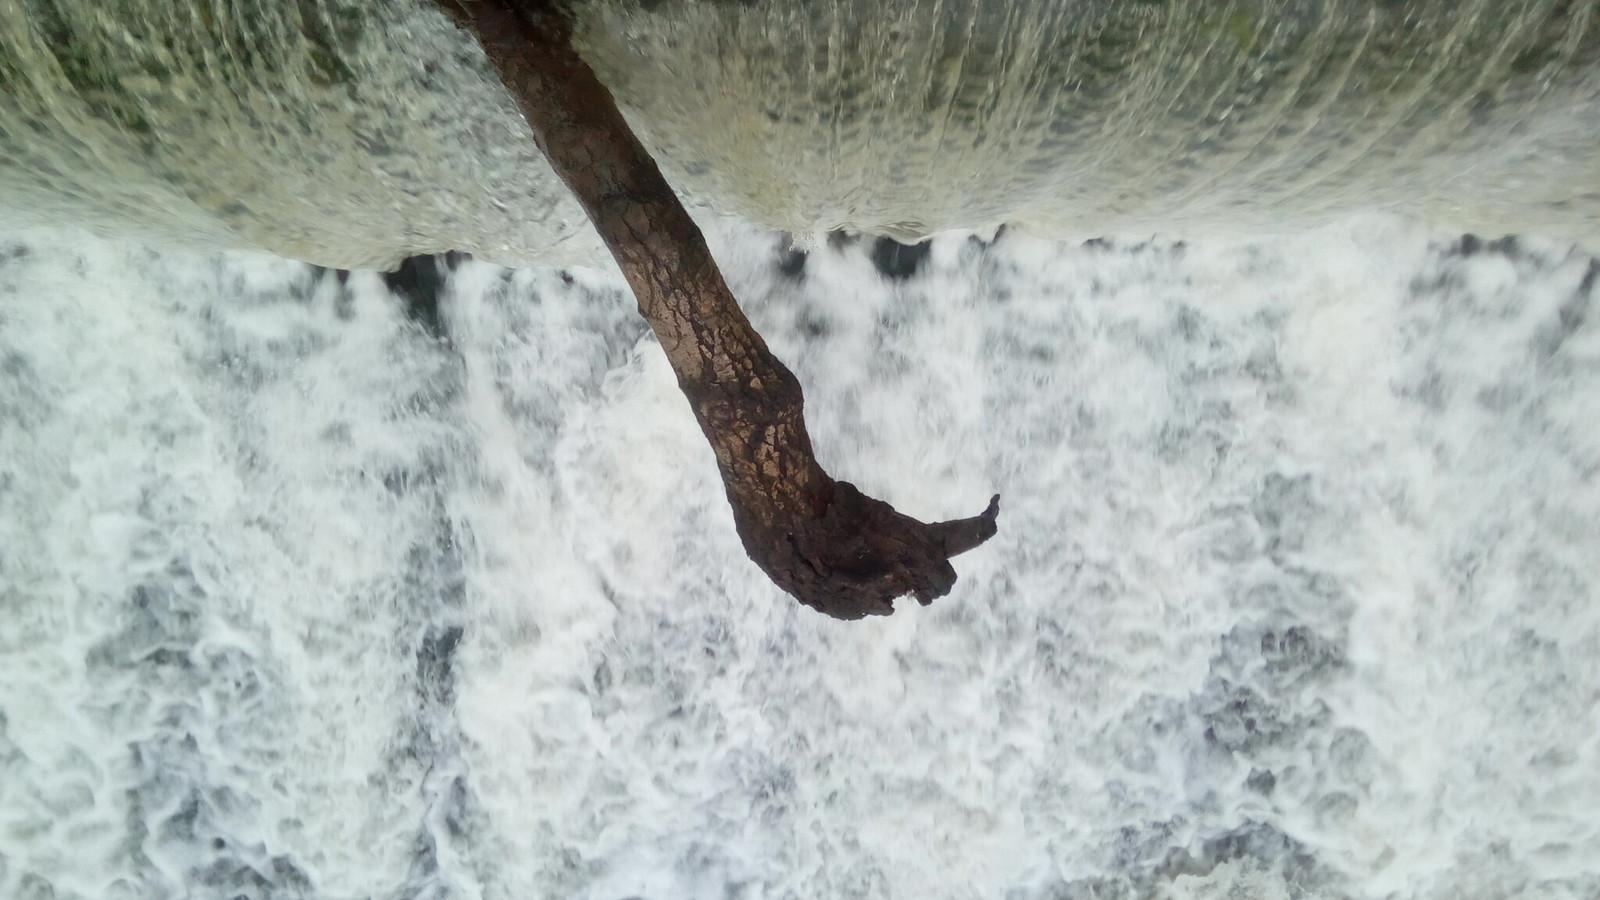 Walsham Lock Weir